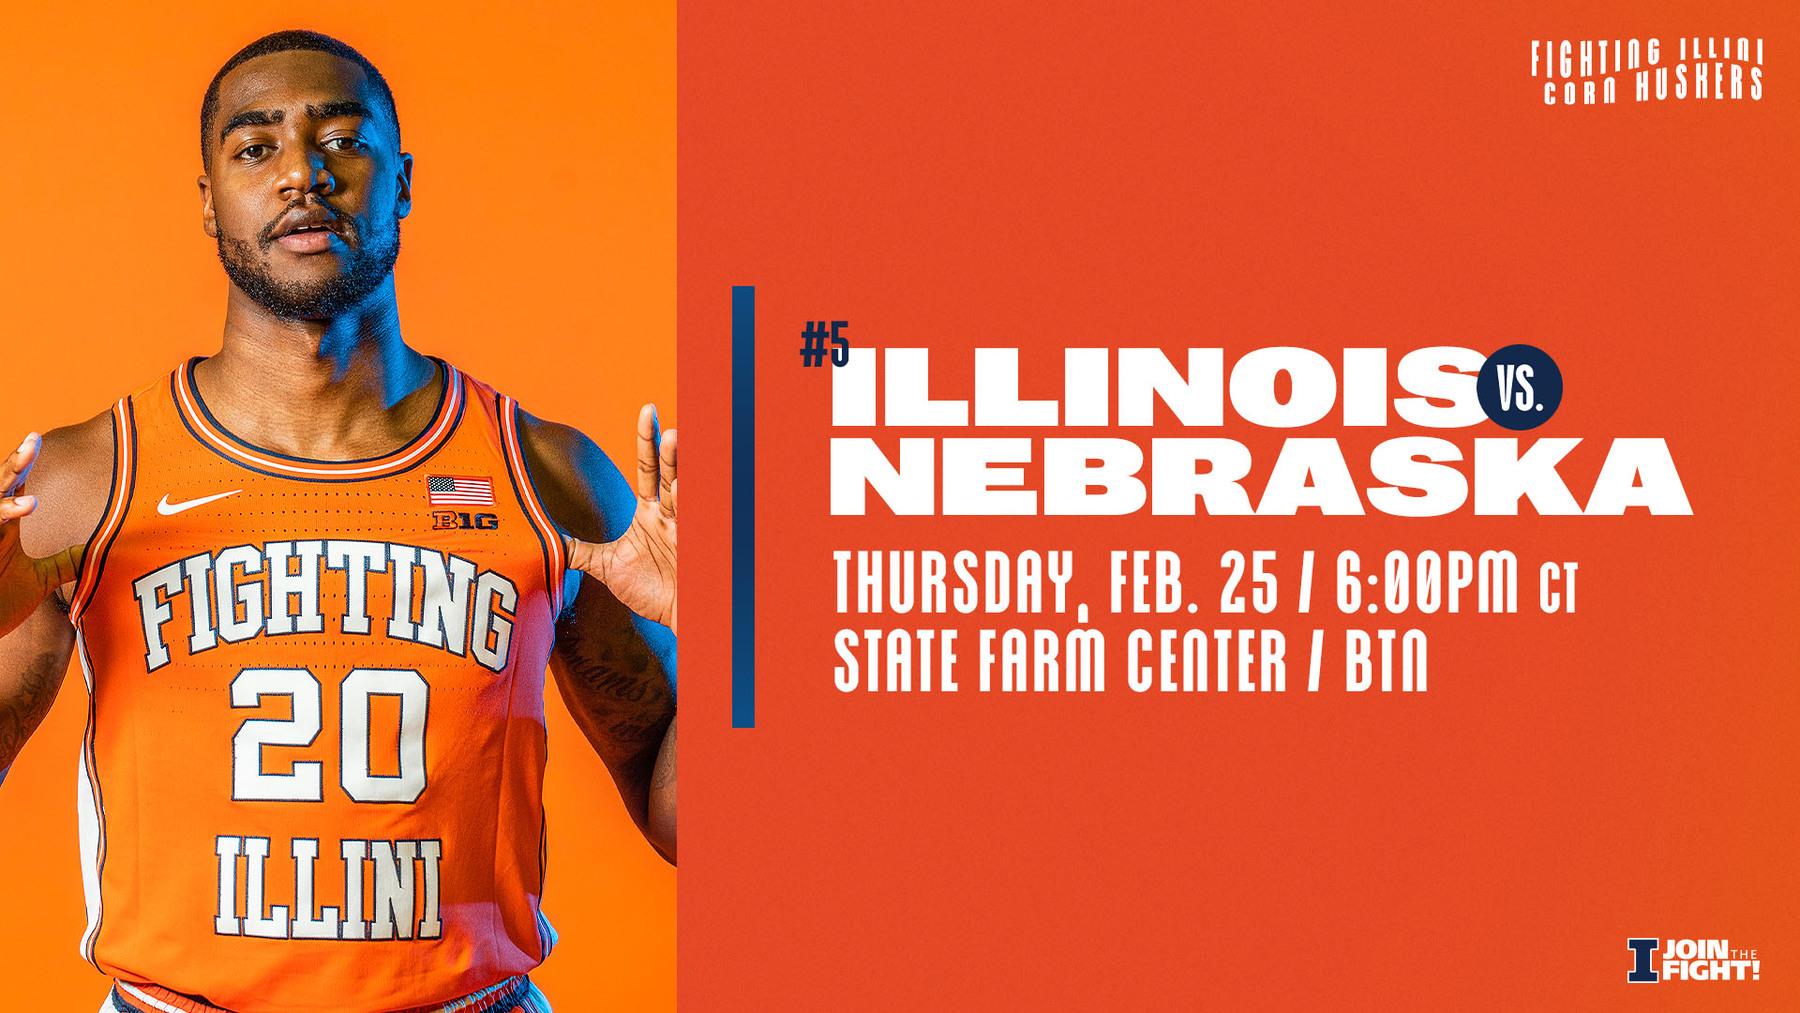 xenior Da'Monte Williams featured on graphic promoting Illinois vs. Nebraska on Feb. 25